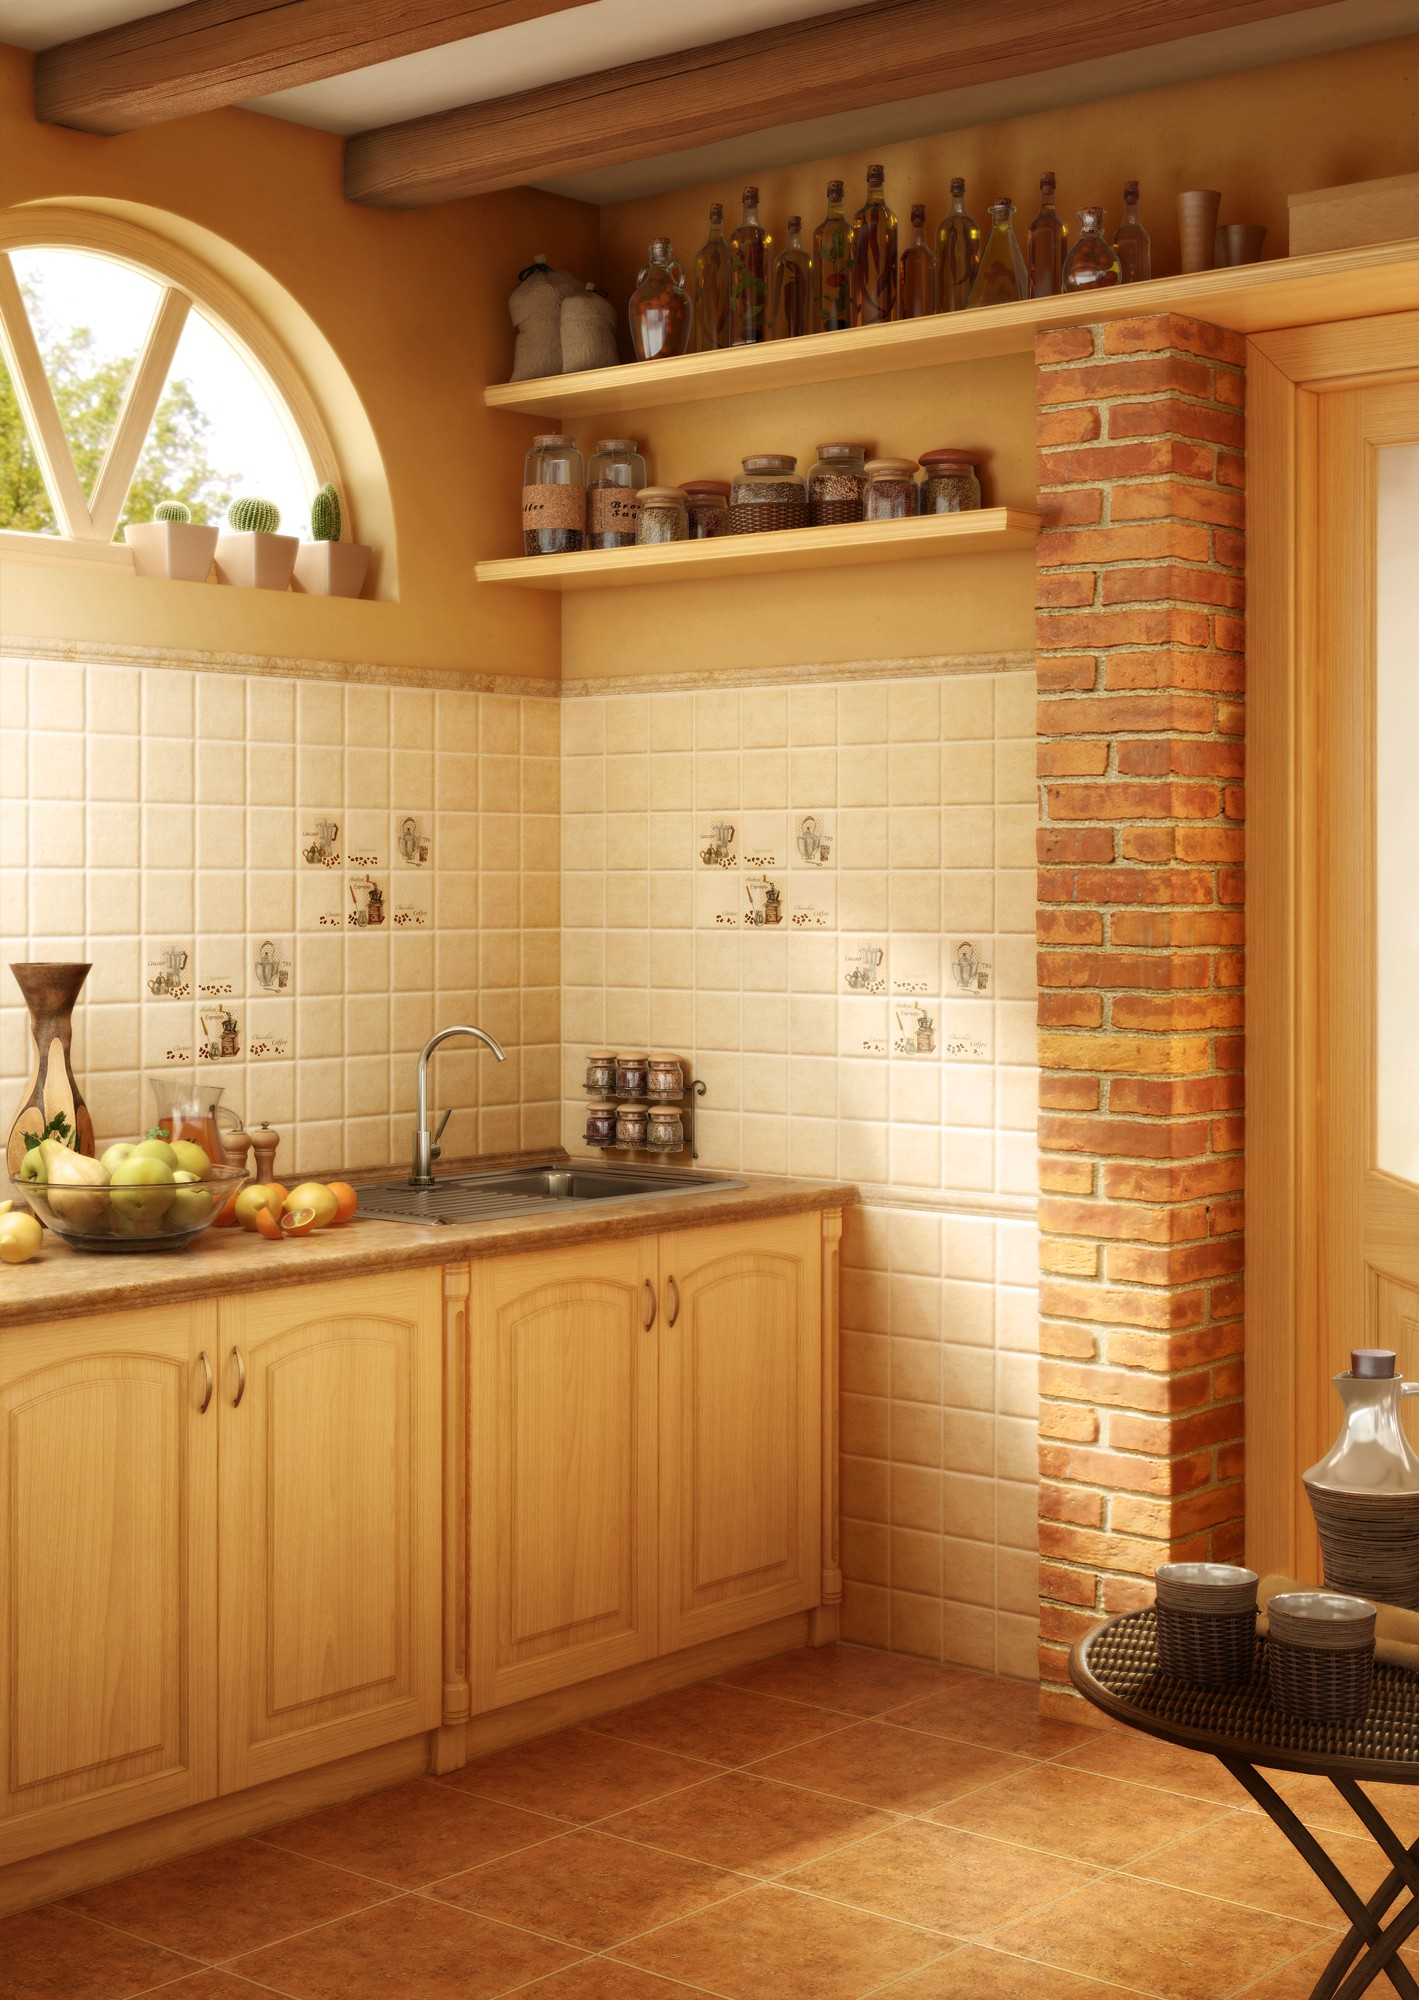 приготовления картинка для кухни под плитку линии ума составляют